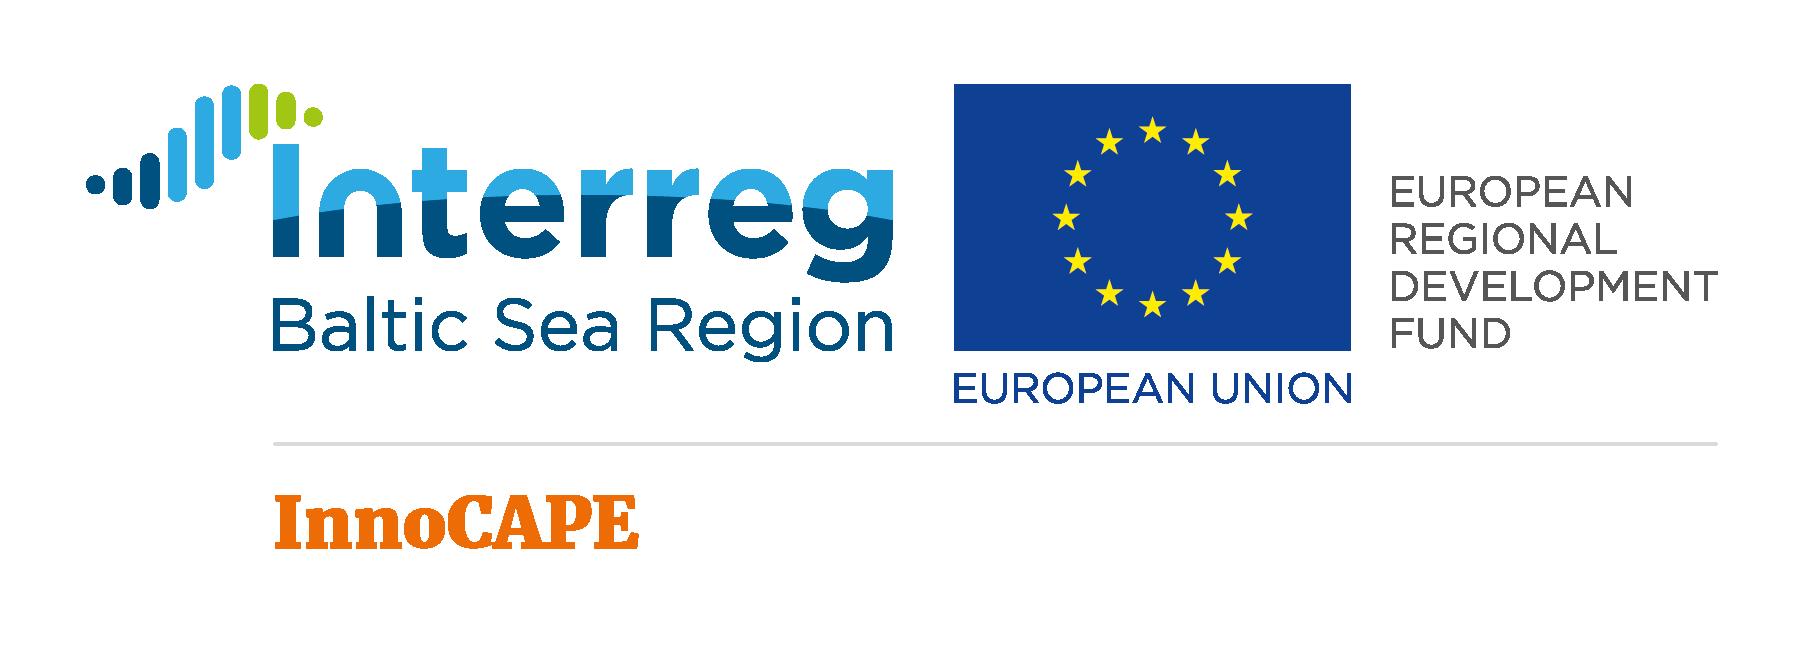 InnoCAPE an Interreg Baltic Sea Region project funded by Europen Regional Development Fund